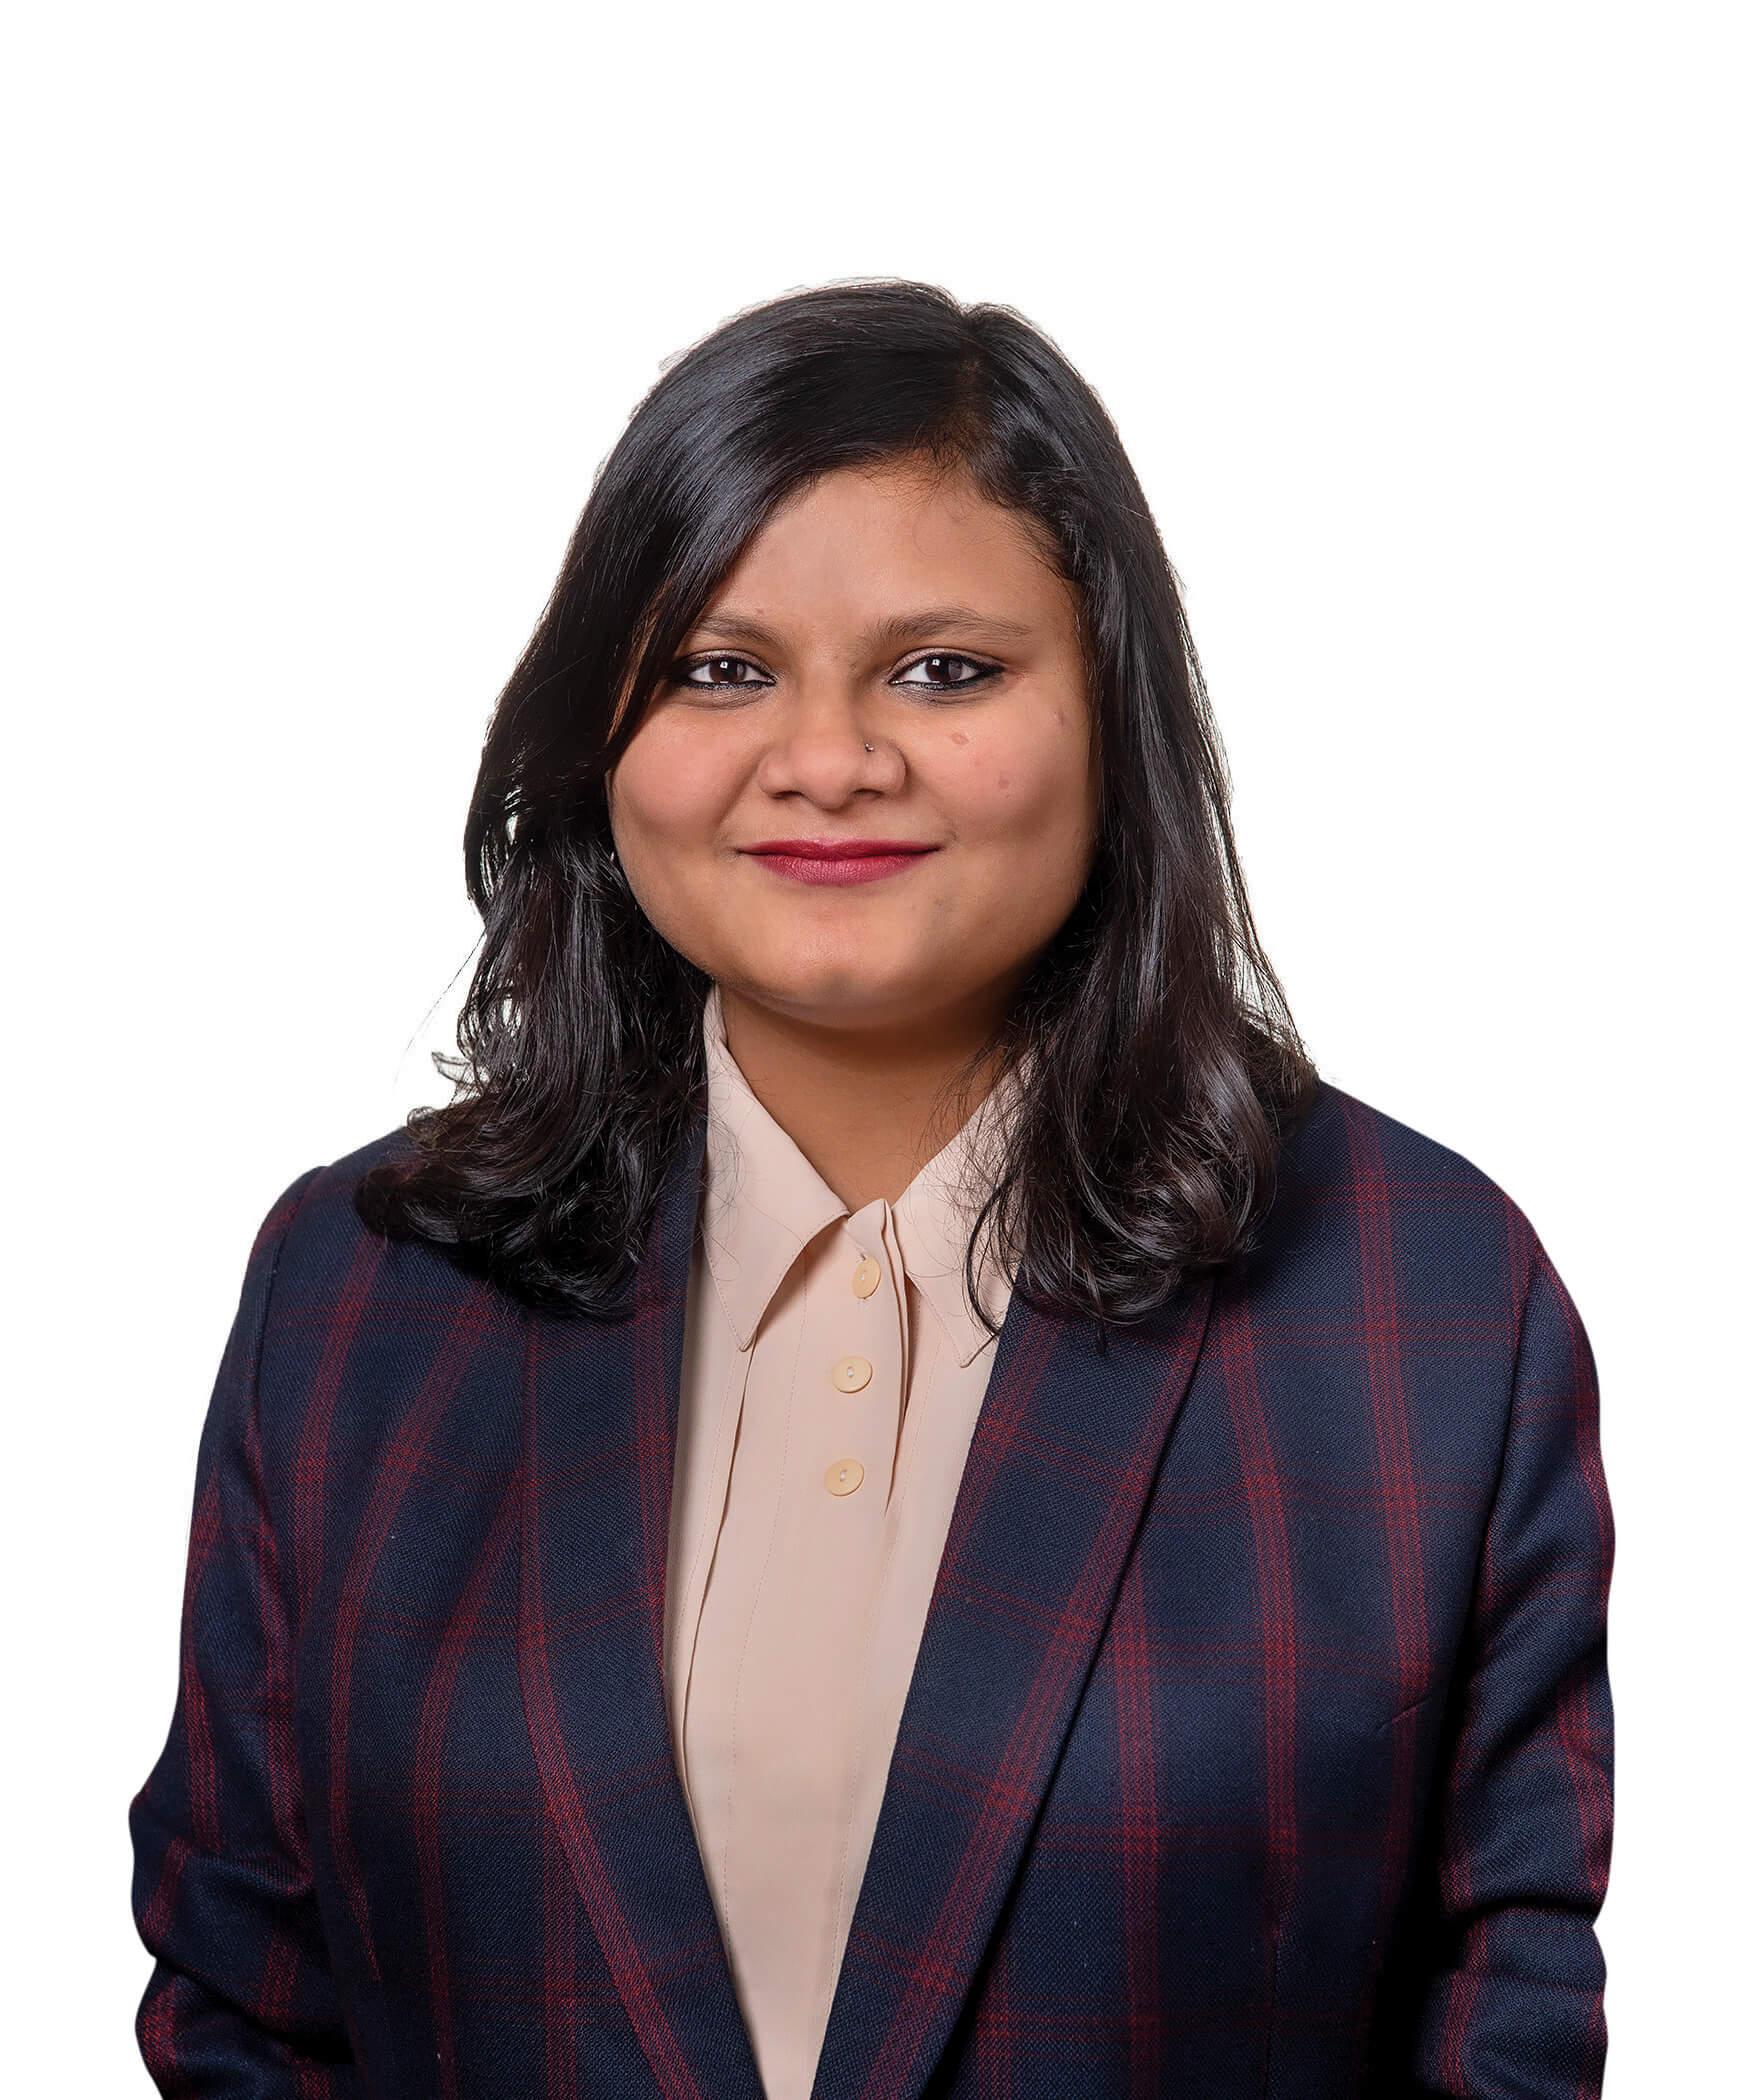 Student headshot Kritisha Jain